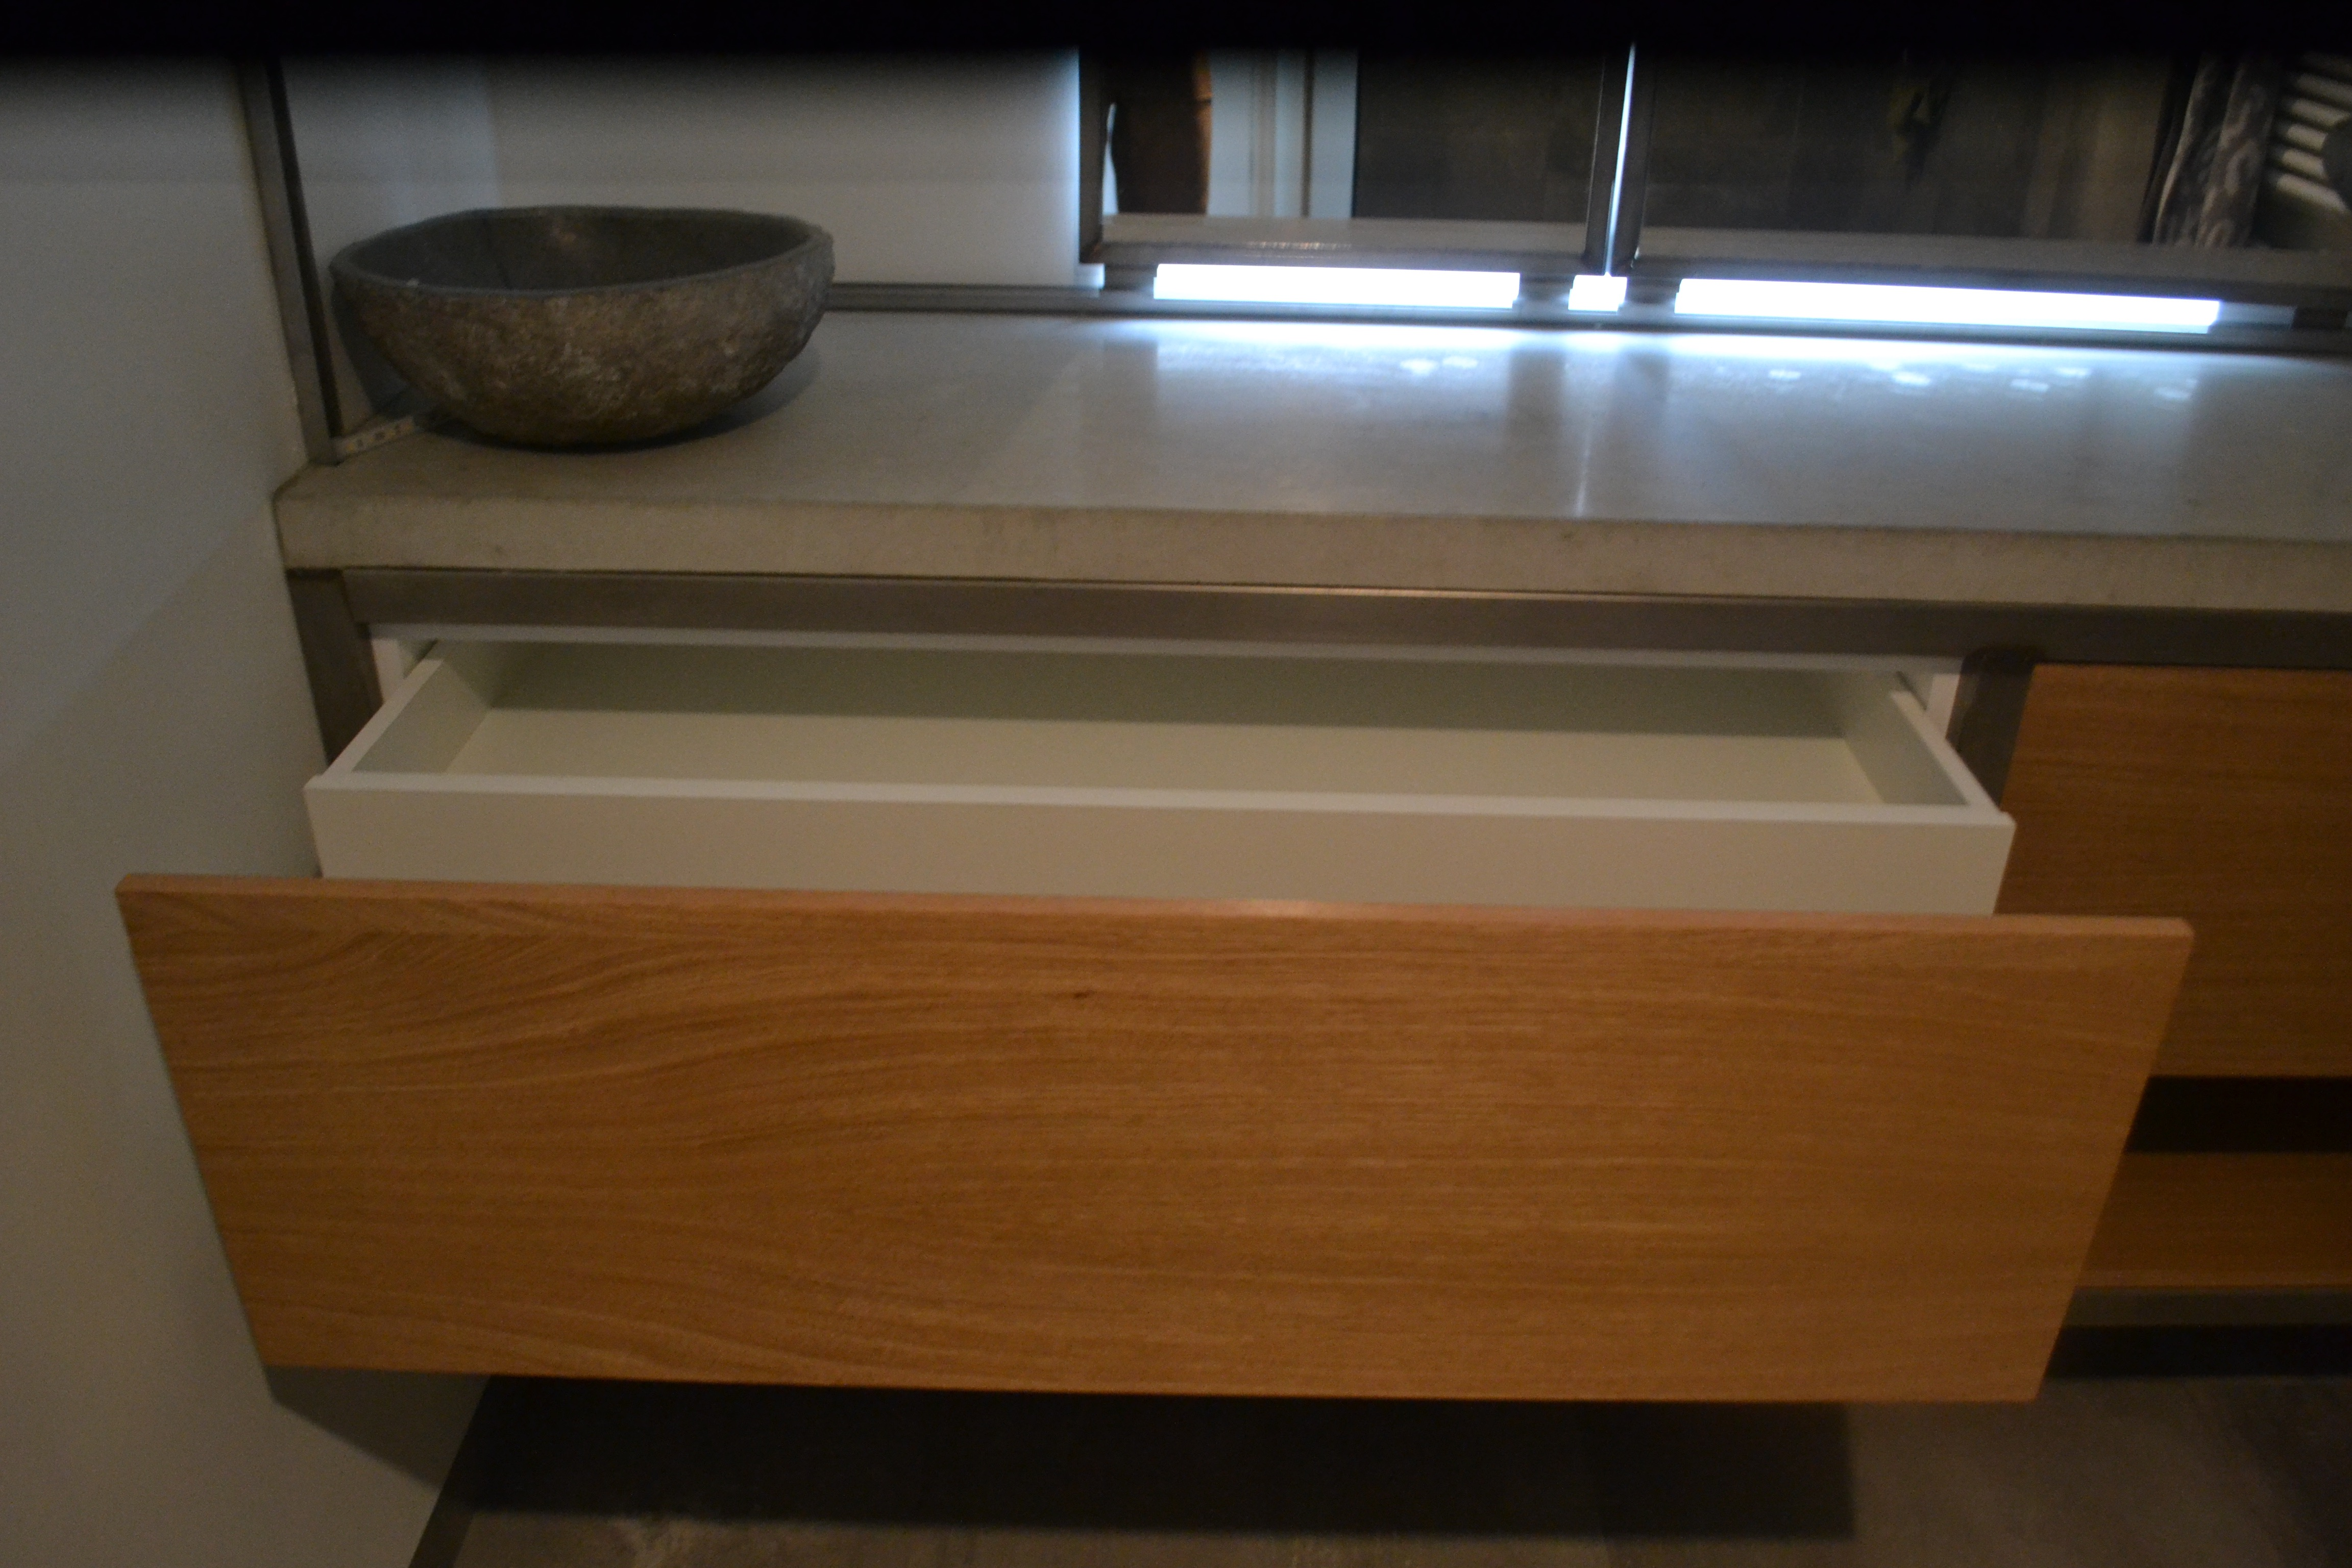 badkamermeubel met stalen frame